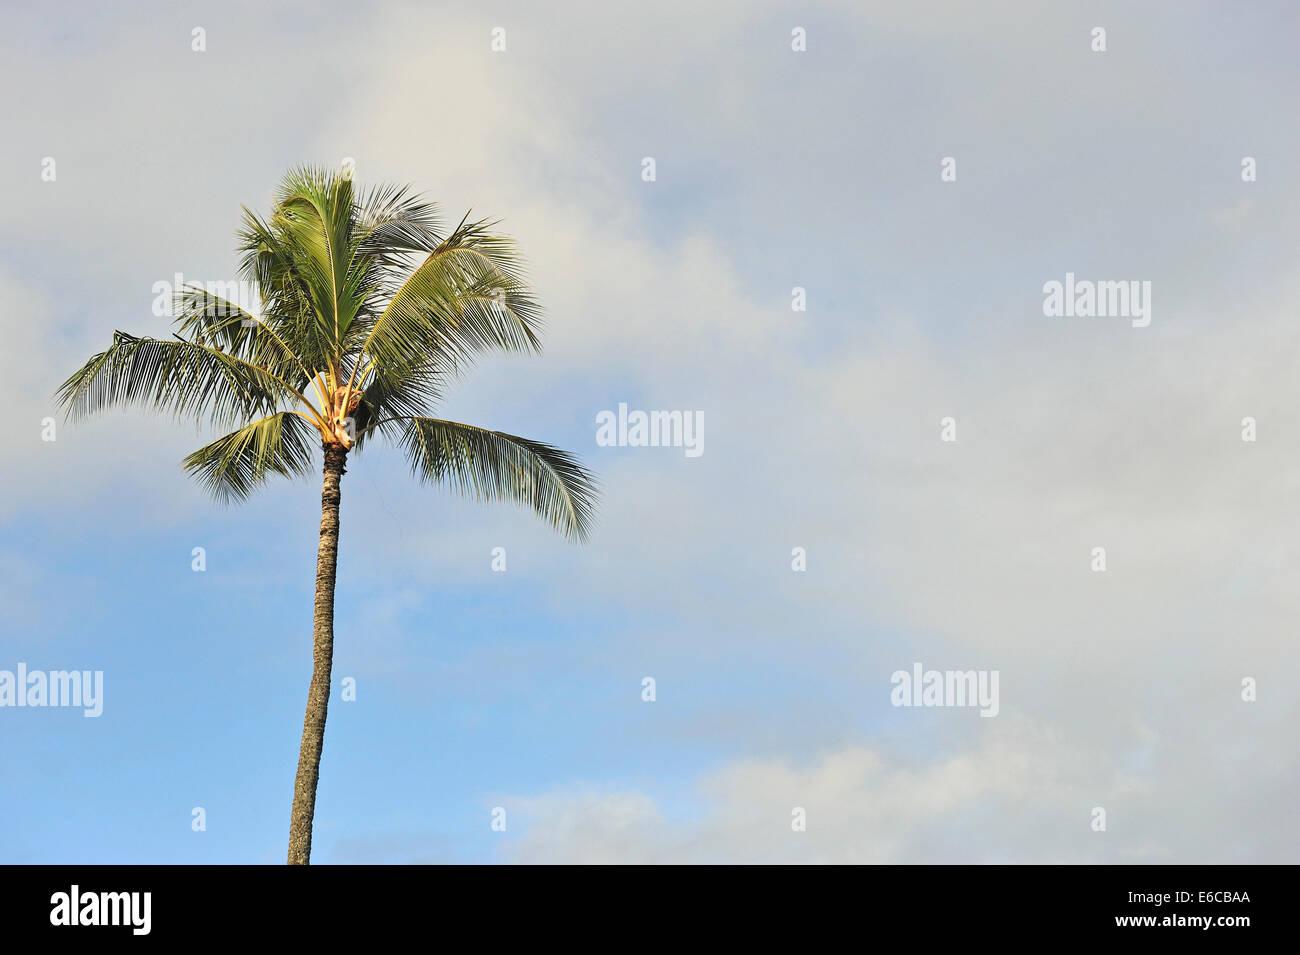 Palm tree treetop - Stock Image